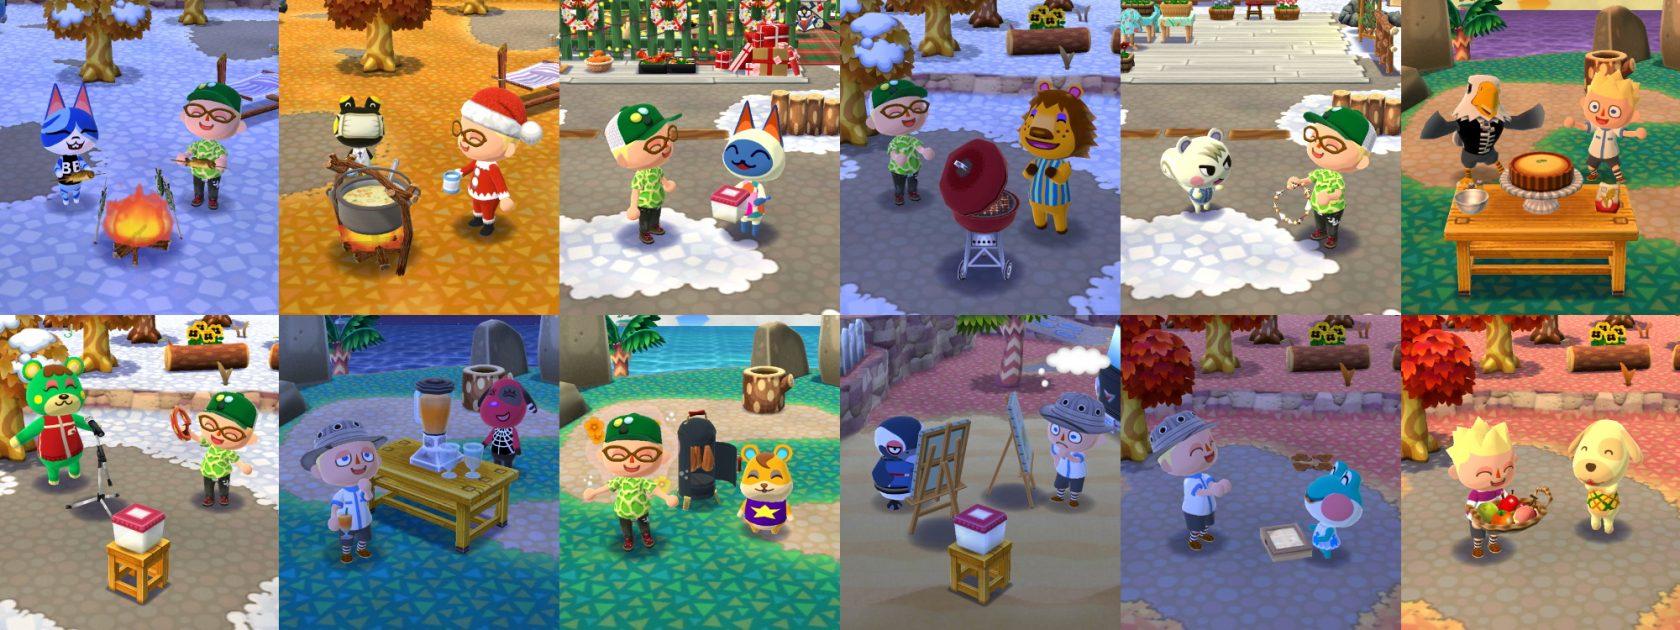 Animal Crossing - Pocket Camp - Für Freunde der Illusion nicht geeignet